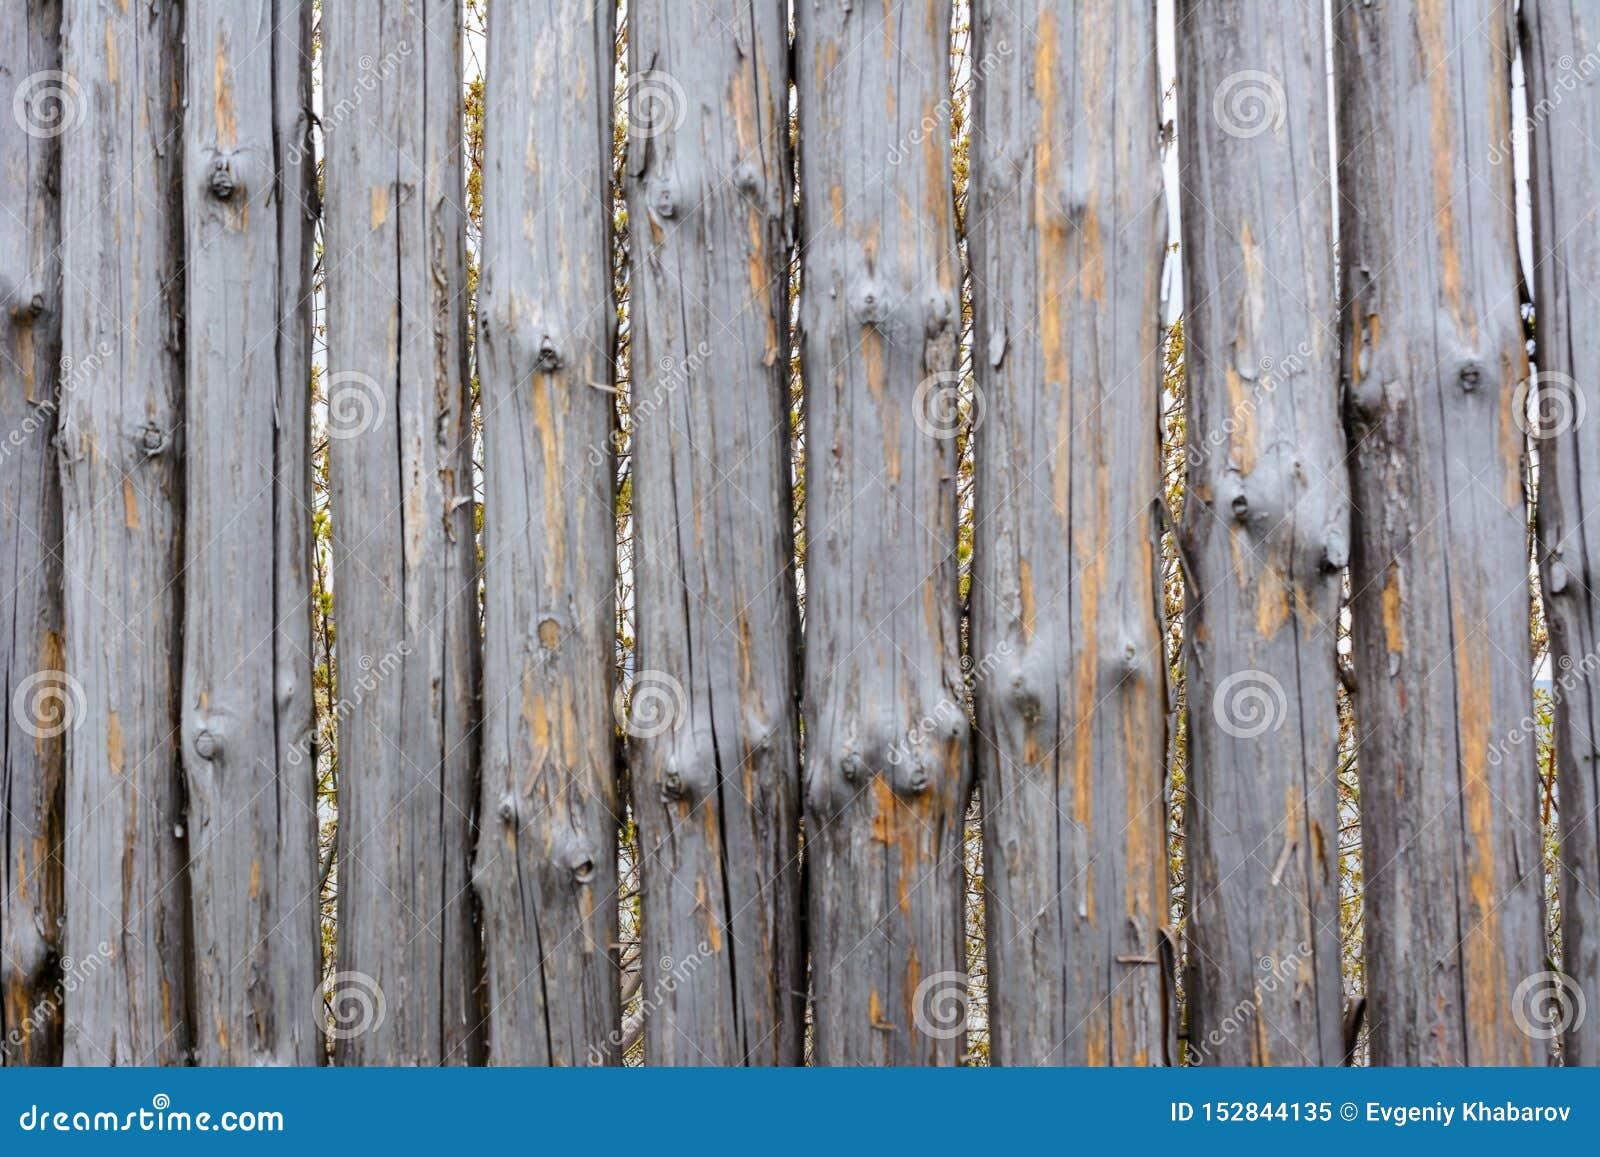 Текстура предпосылки старой серой деревянной загородки от всех журналов с узлами Затрапезная загородка